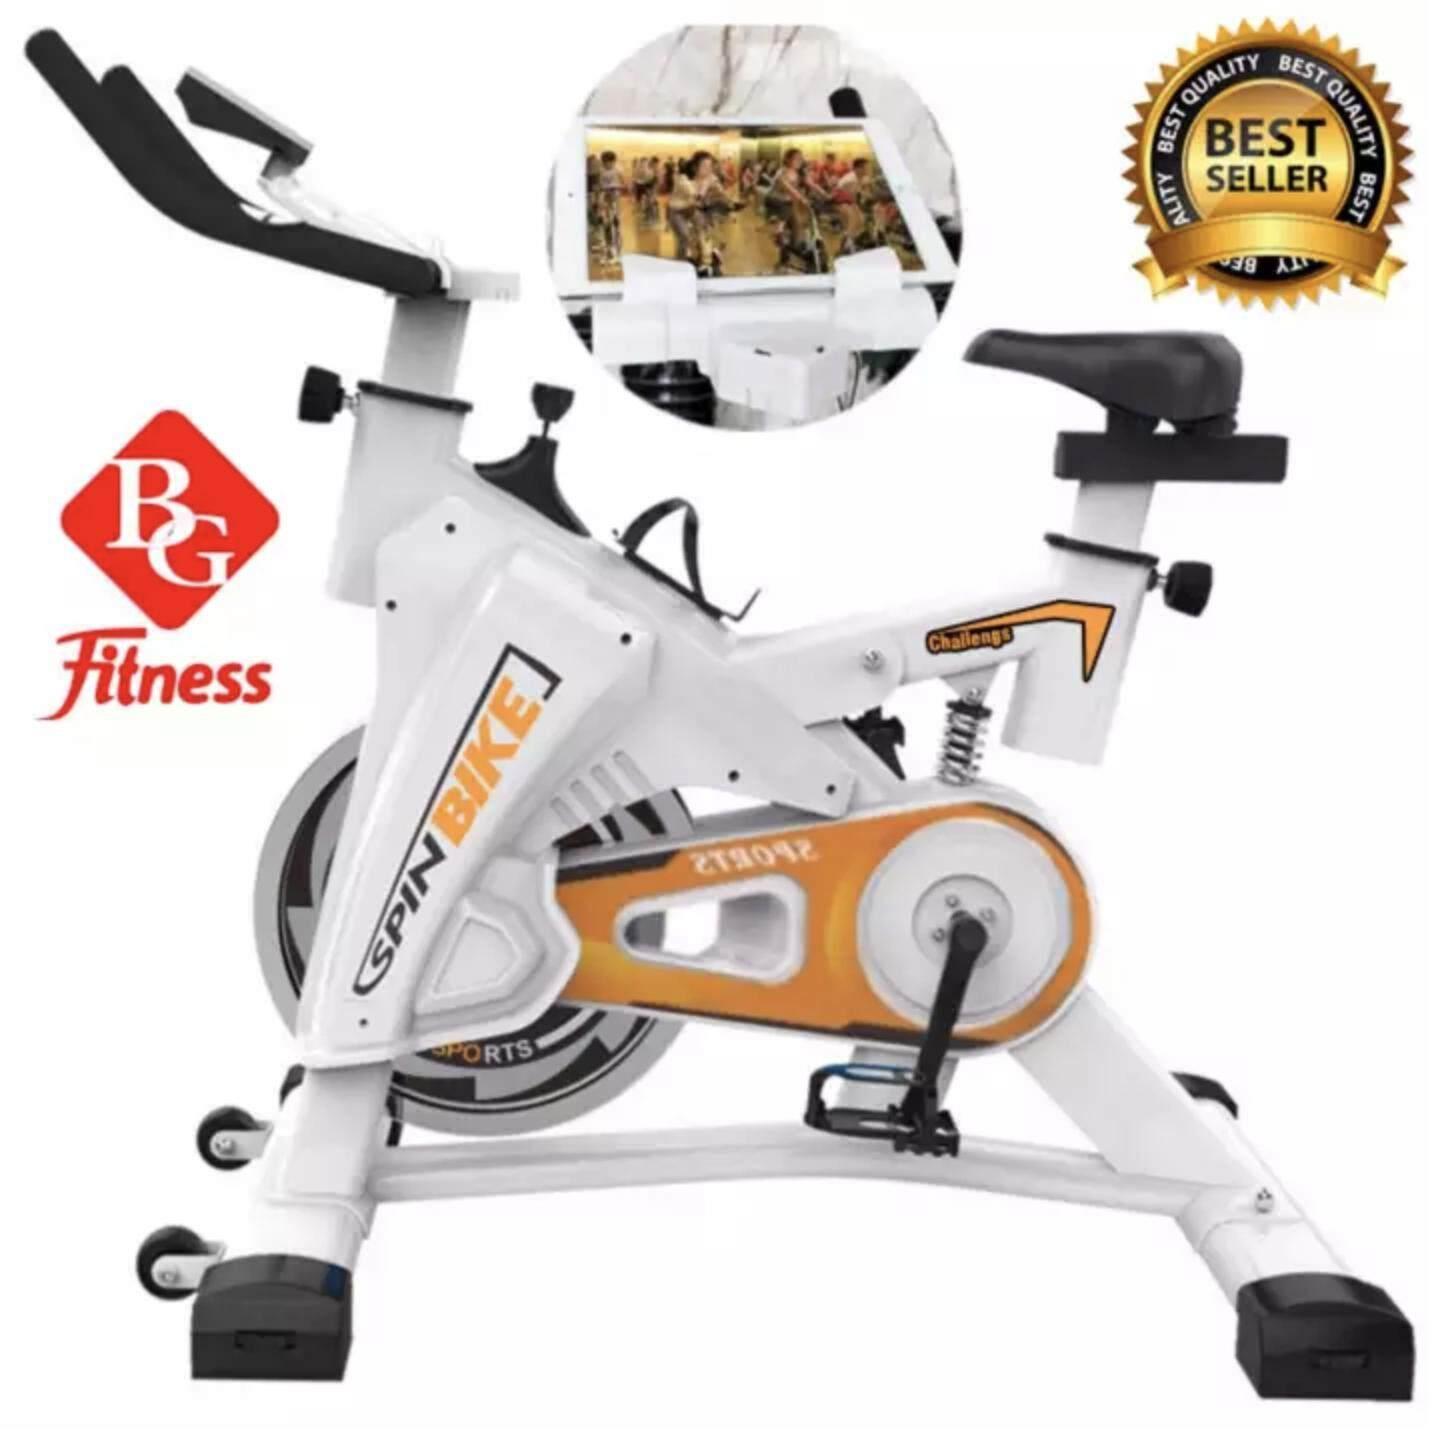 B&G SPIN BIKE จักรยานออกกำลังกาย Exercise Fitness Spin Bike Commercial Grade ระบบสายพาน (White-Orange) - รุ่น S306